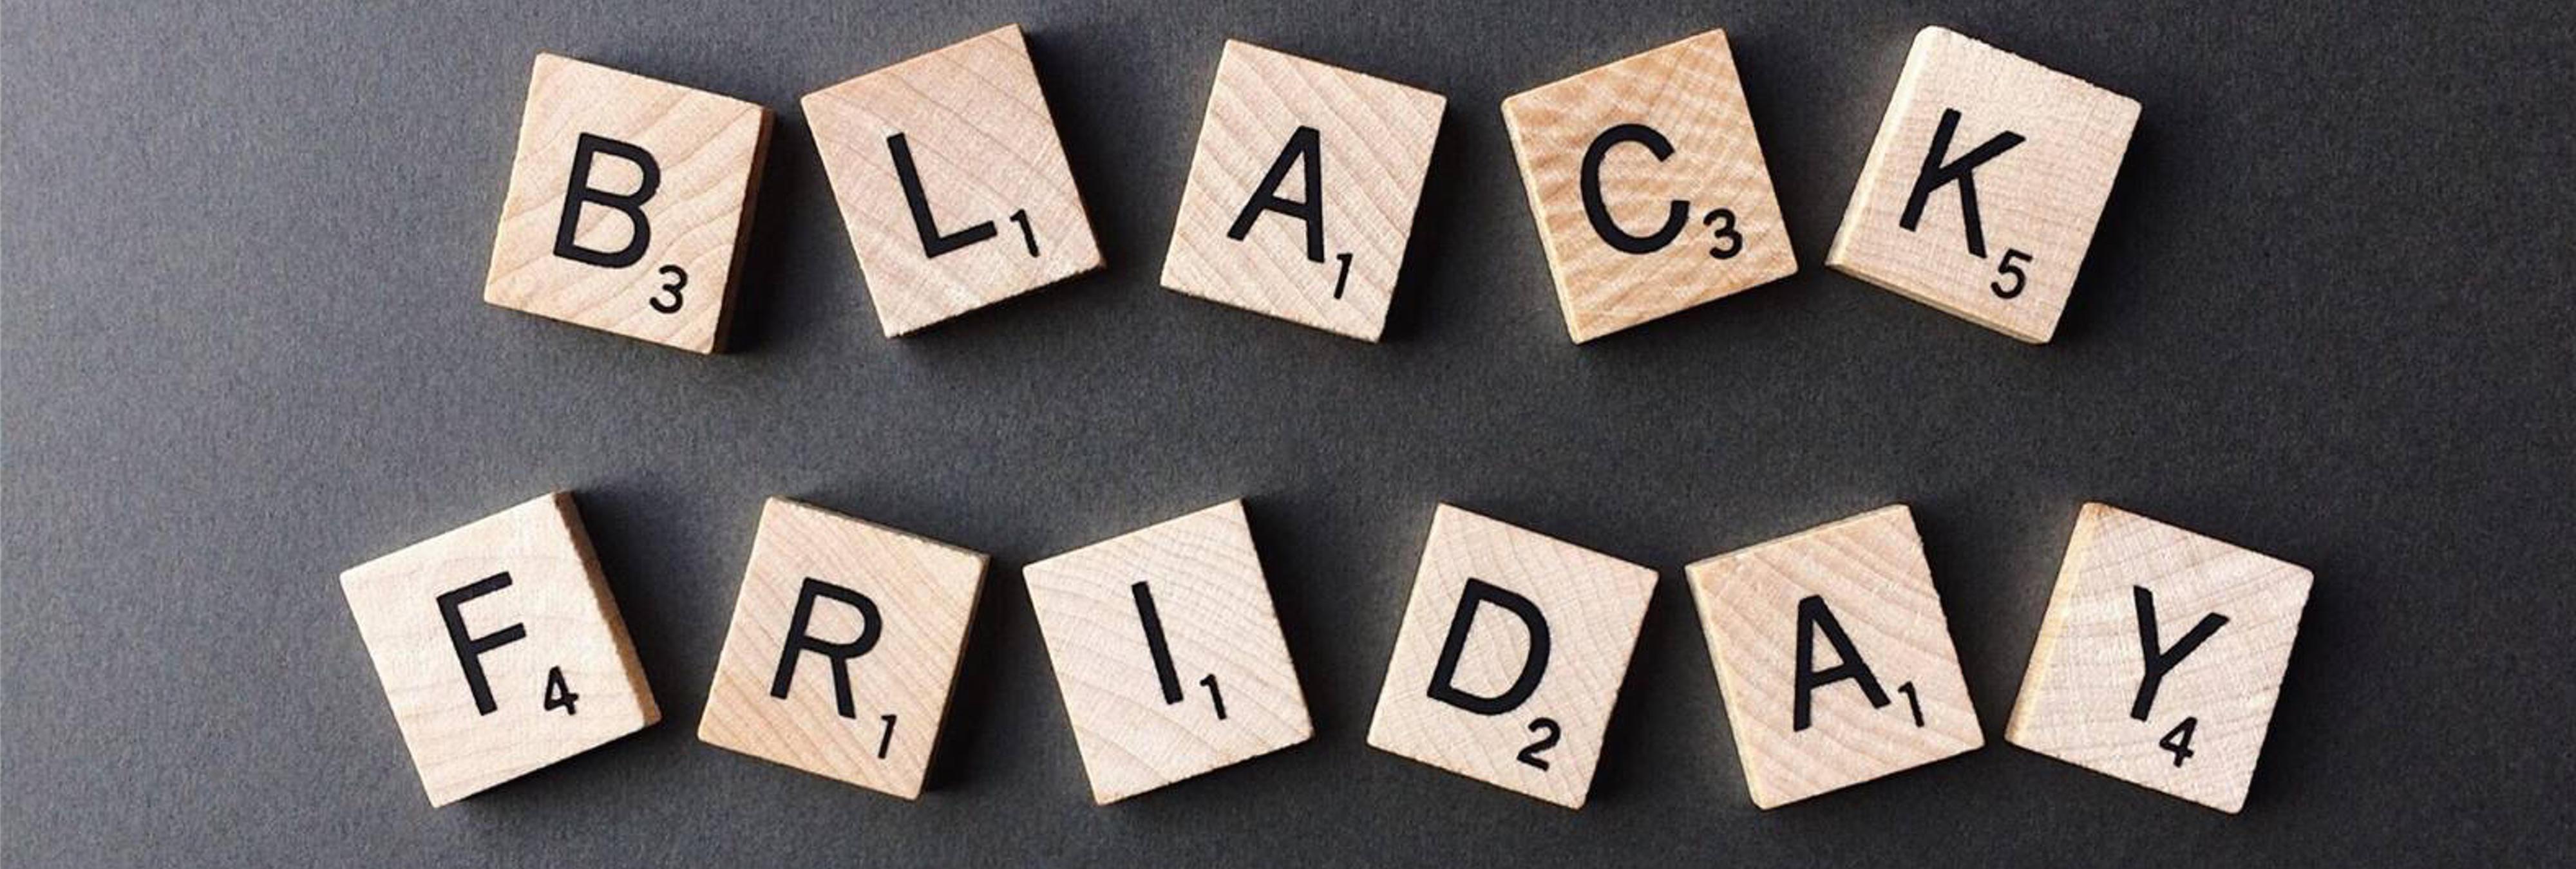 Las mejores ofertas en ordenadores y electrónica en la semana del Black Friday